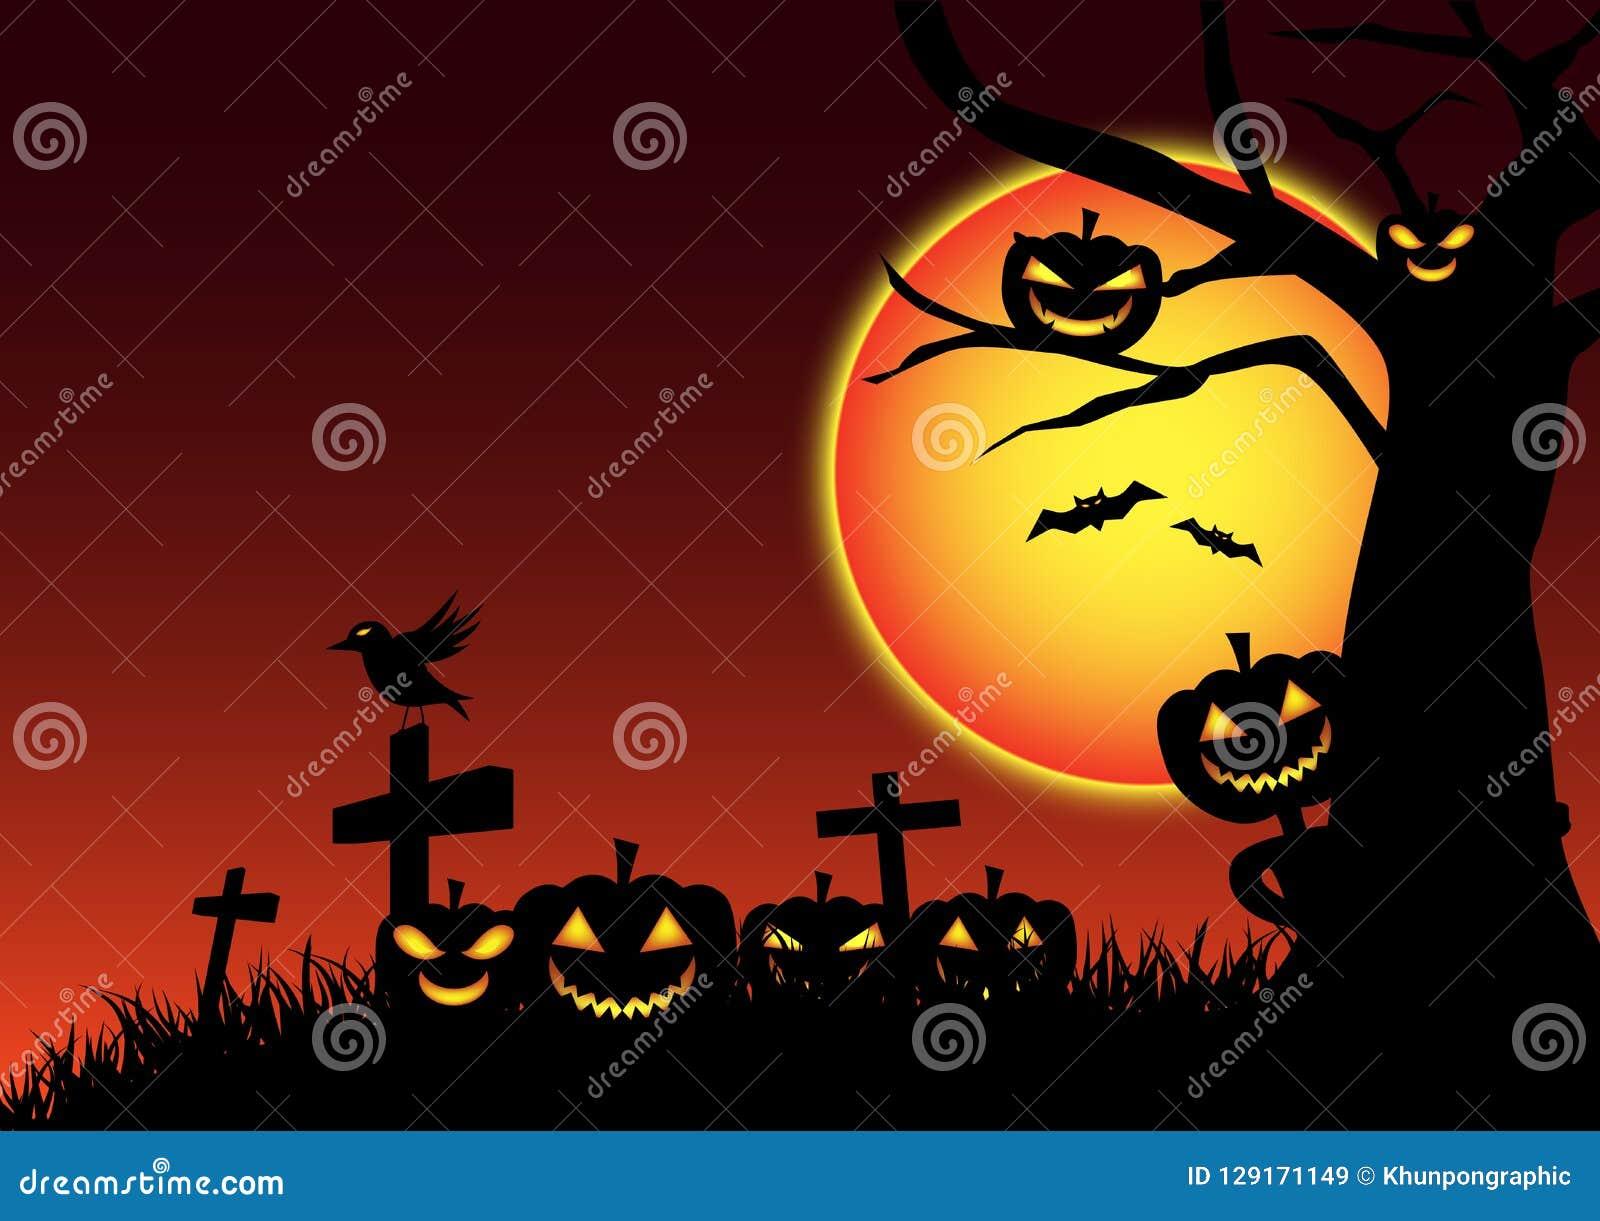 De dag feestelijke achtergrond van pompoenhalloween, het beeldverhaal van de spooknachtmerrie